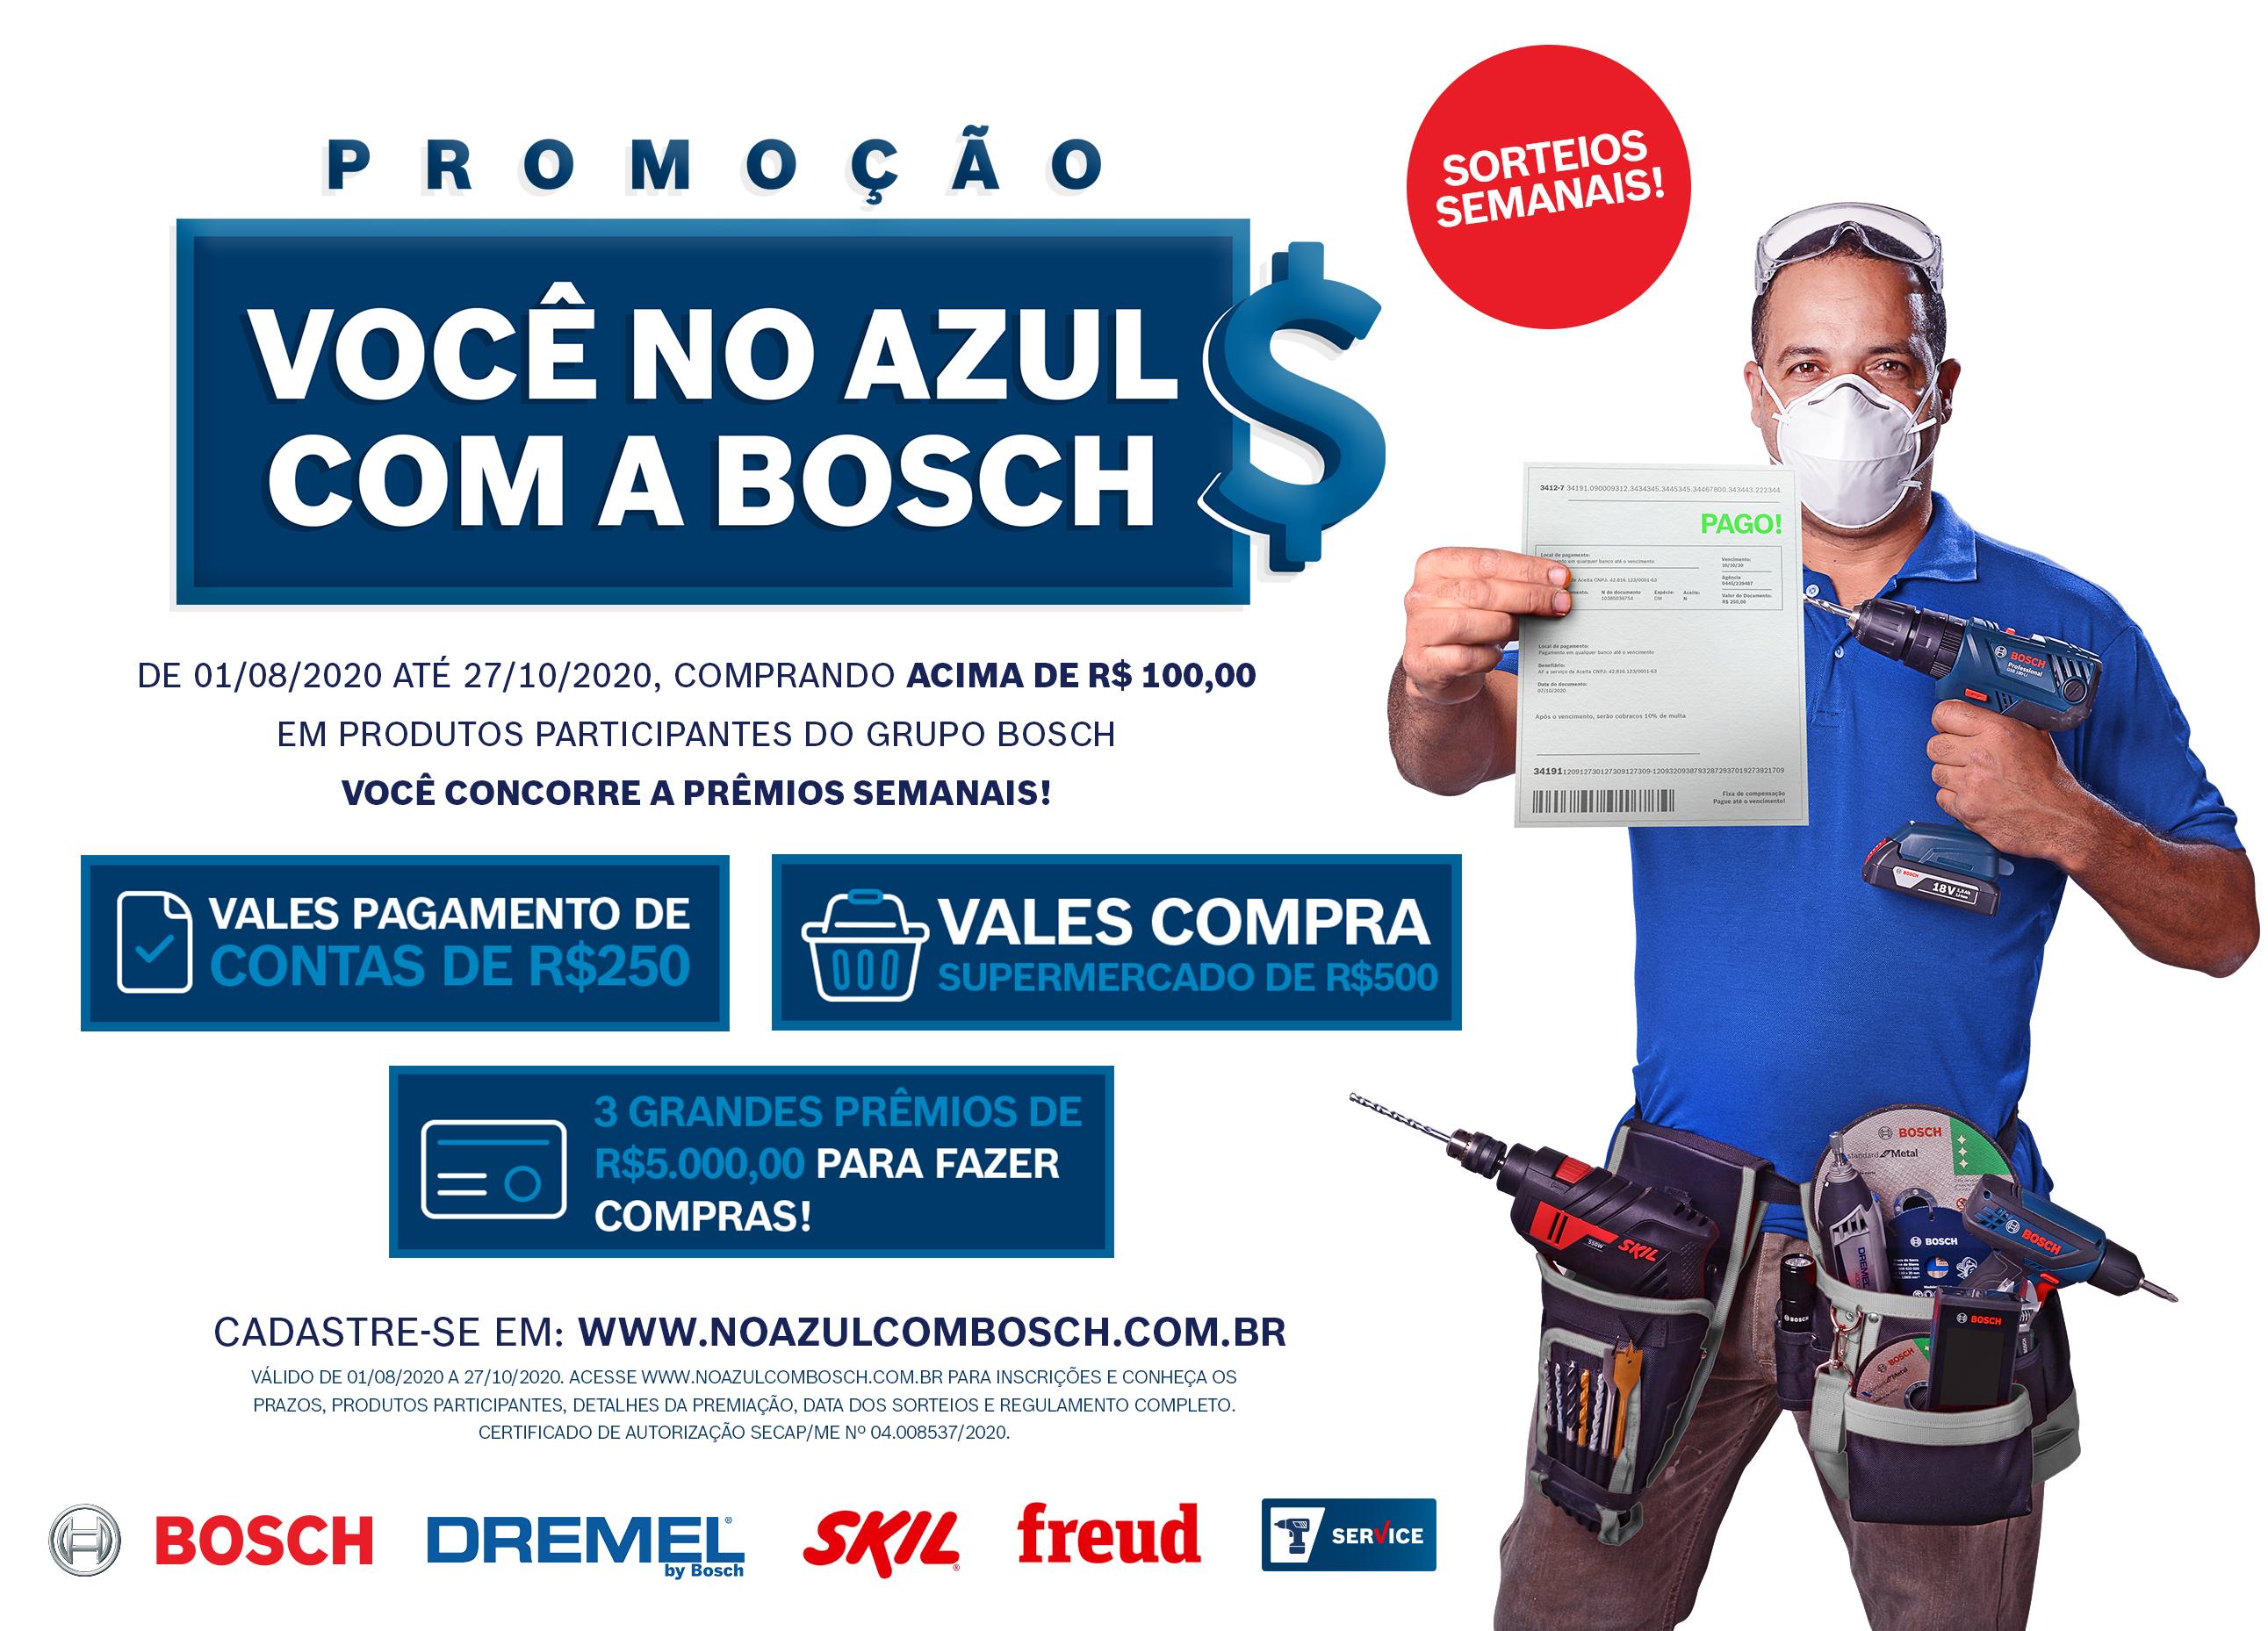 Promoção Você no Azul com a Bosch